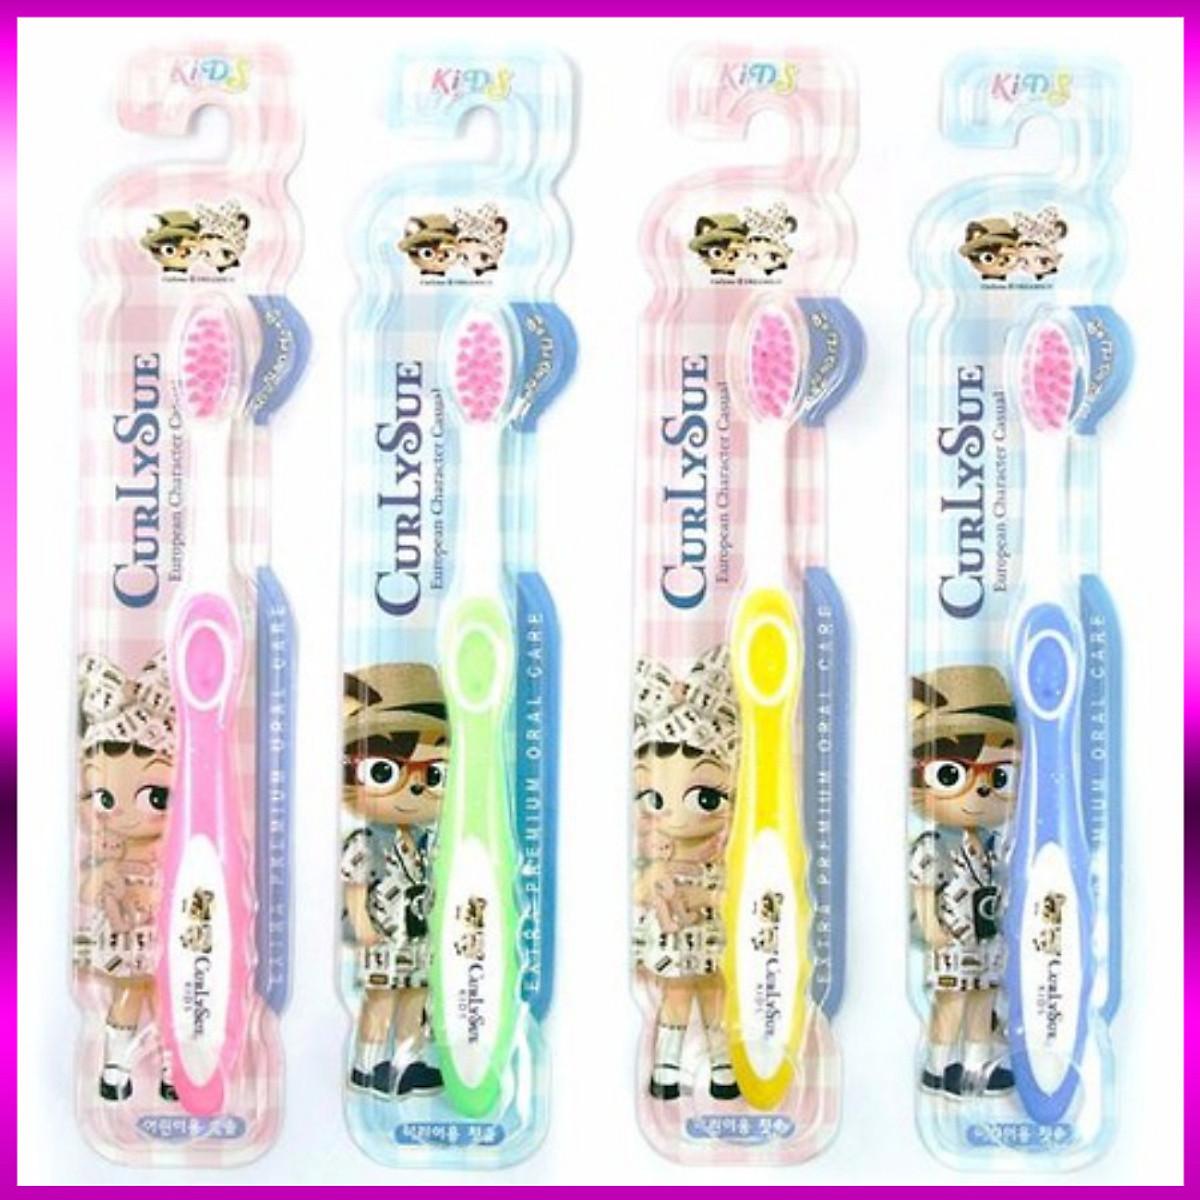 Combo 4 Bàn chải đánh răng trẻ em Curly Sue nhập khẩu Hàn Quốc (Dành cho bé từ 3 đến 8 tuổi)